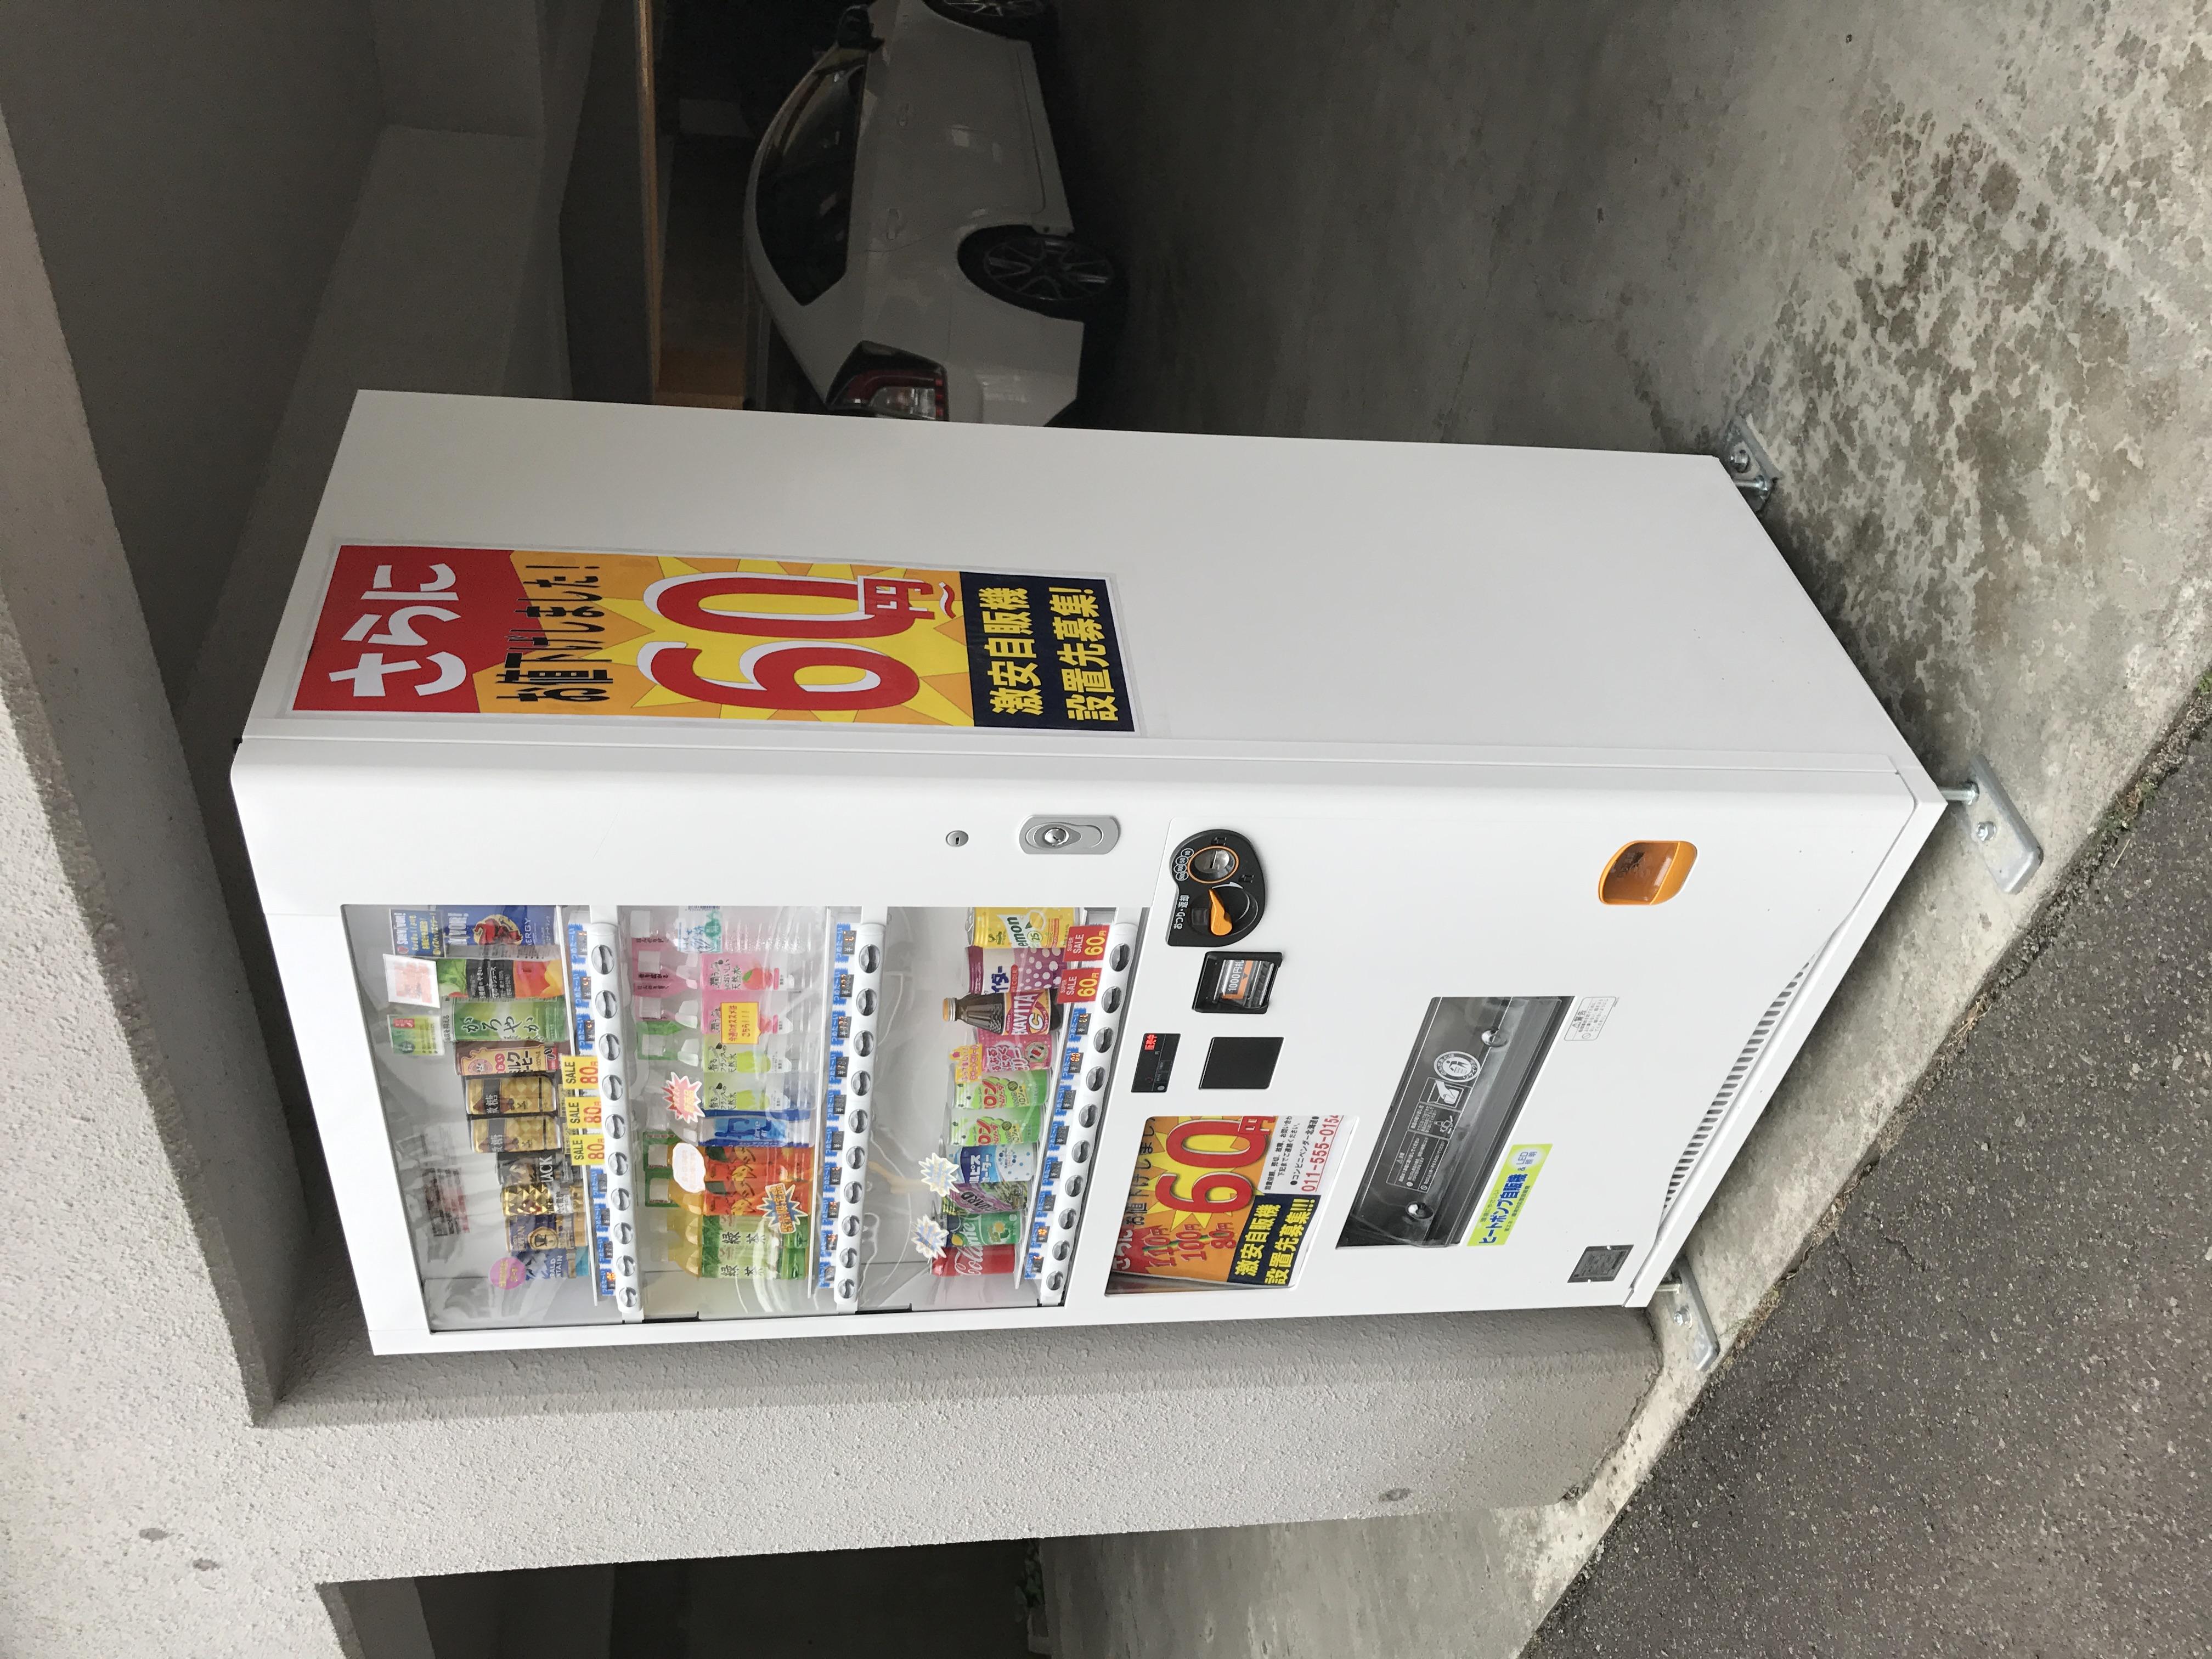 札幌 自販機画像